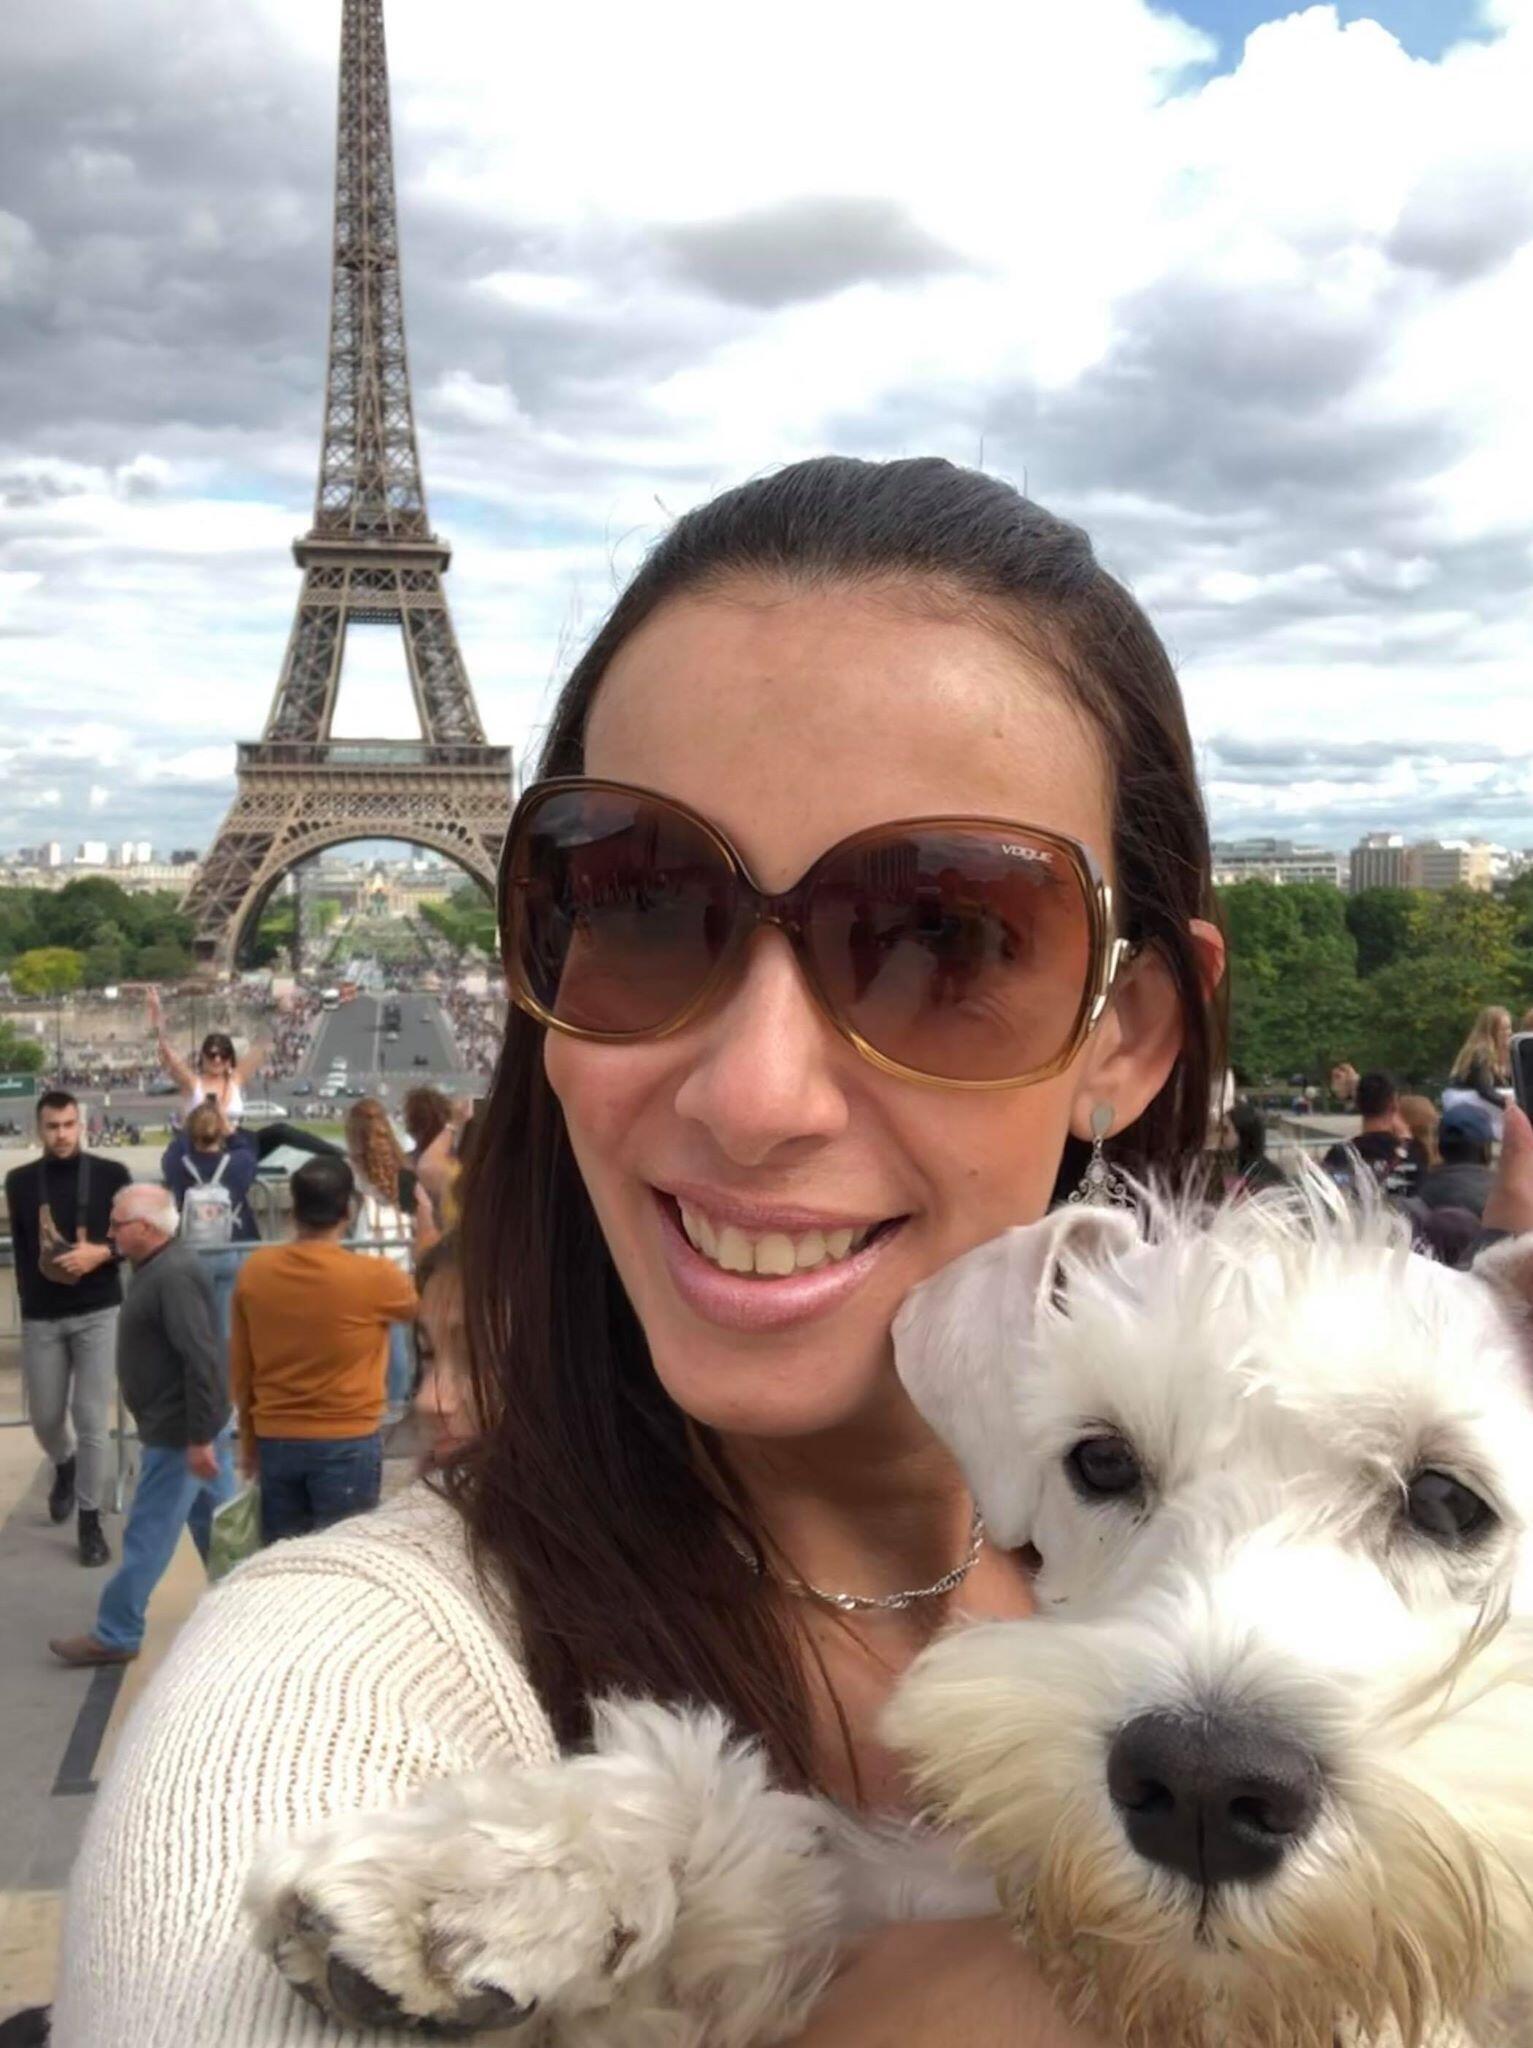 Apesar do aperto financeiro gerado pela pandemia e das incertezas sobre a carreira, advogada Renata Zagne preferiu ficar em Paris. Na foto, ela aparece diante da Torre Eiffel antes do confinamento.